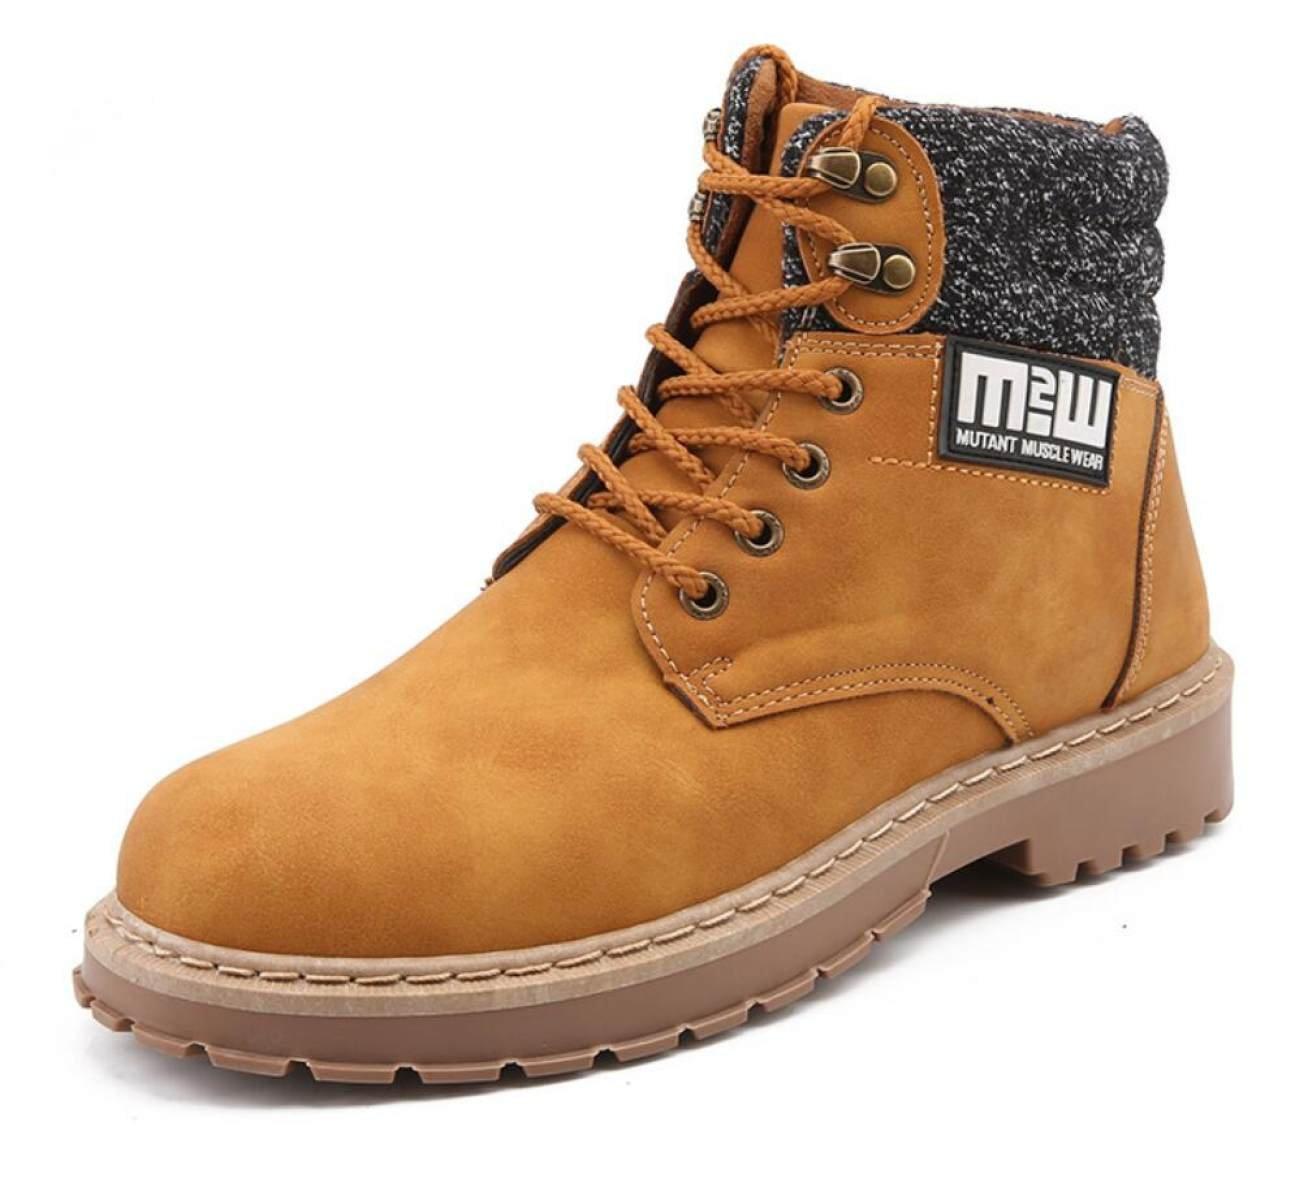 LINYI Männer Martin Stiefel Leder Mode Tooling Schuhe Sport Trekking Walking